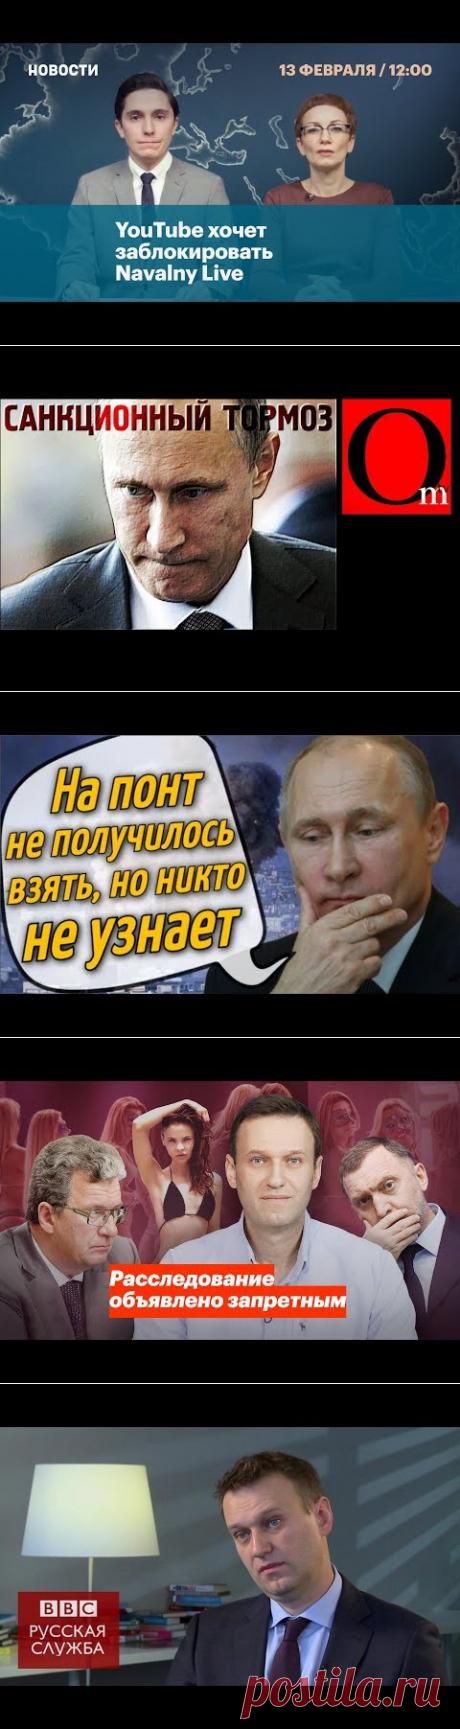 (3) YouTube хочет заблокировать Navalny Live - YouTube